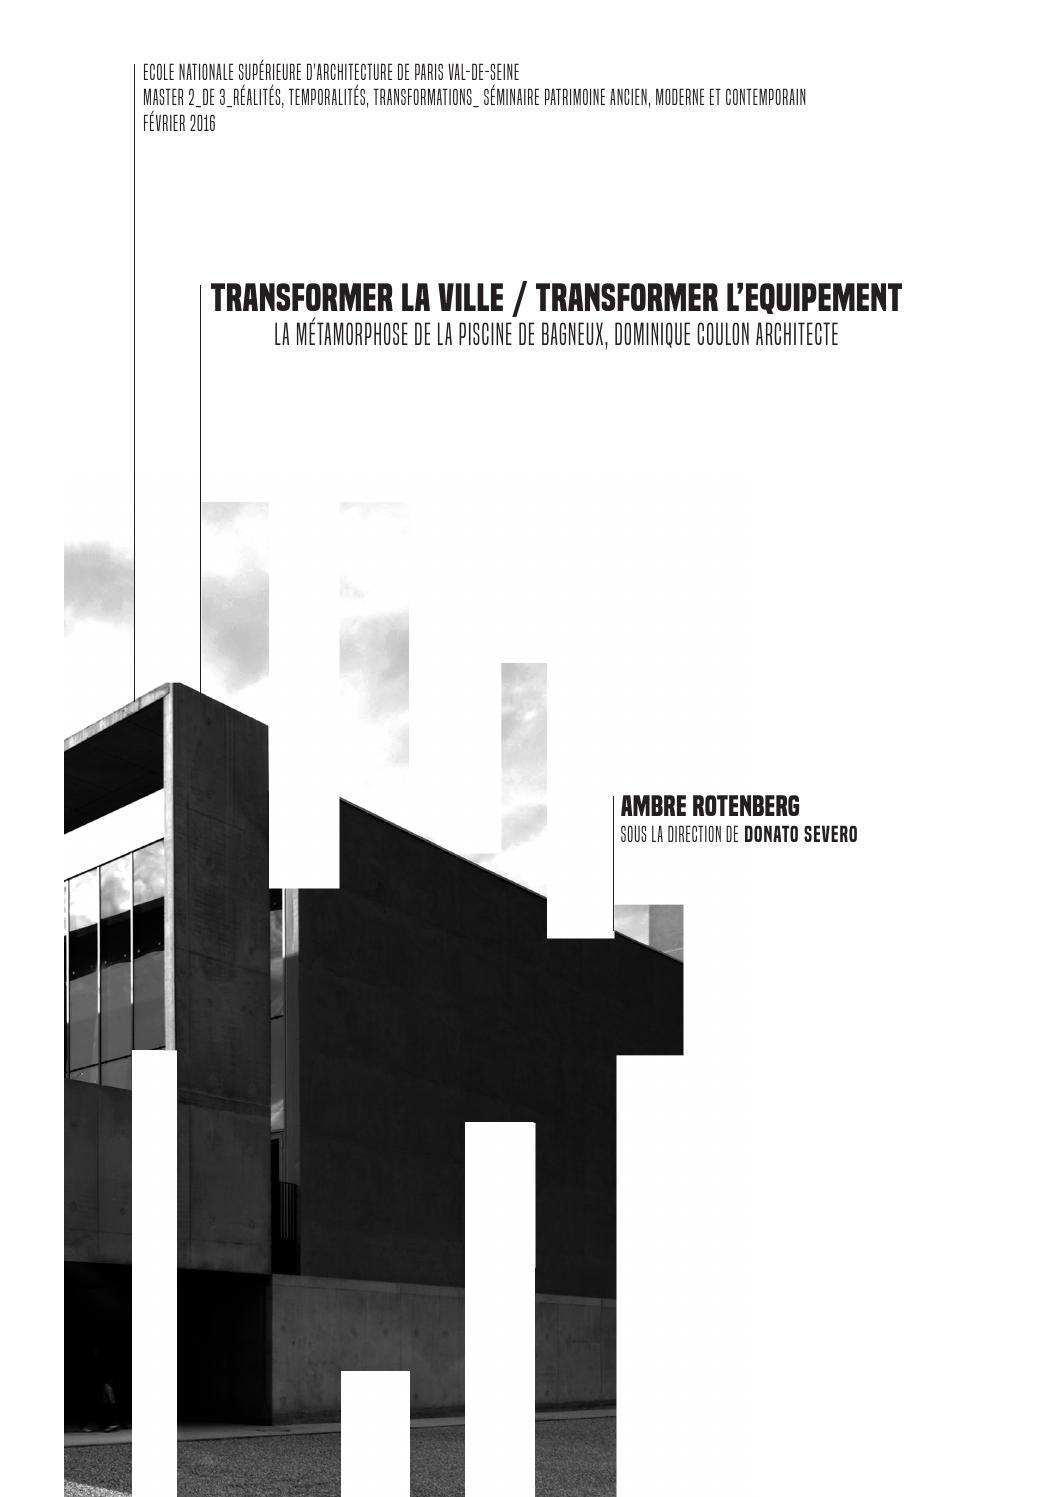 Ensa Paris Val De Seine mémoire d'architecture de master 2 ensa paris val-de-seine